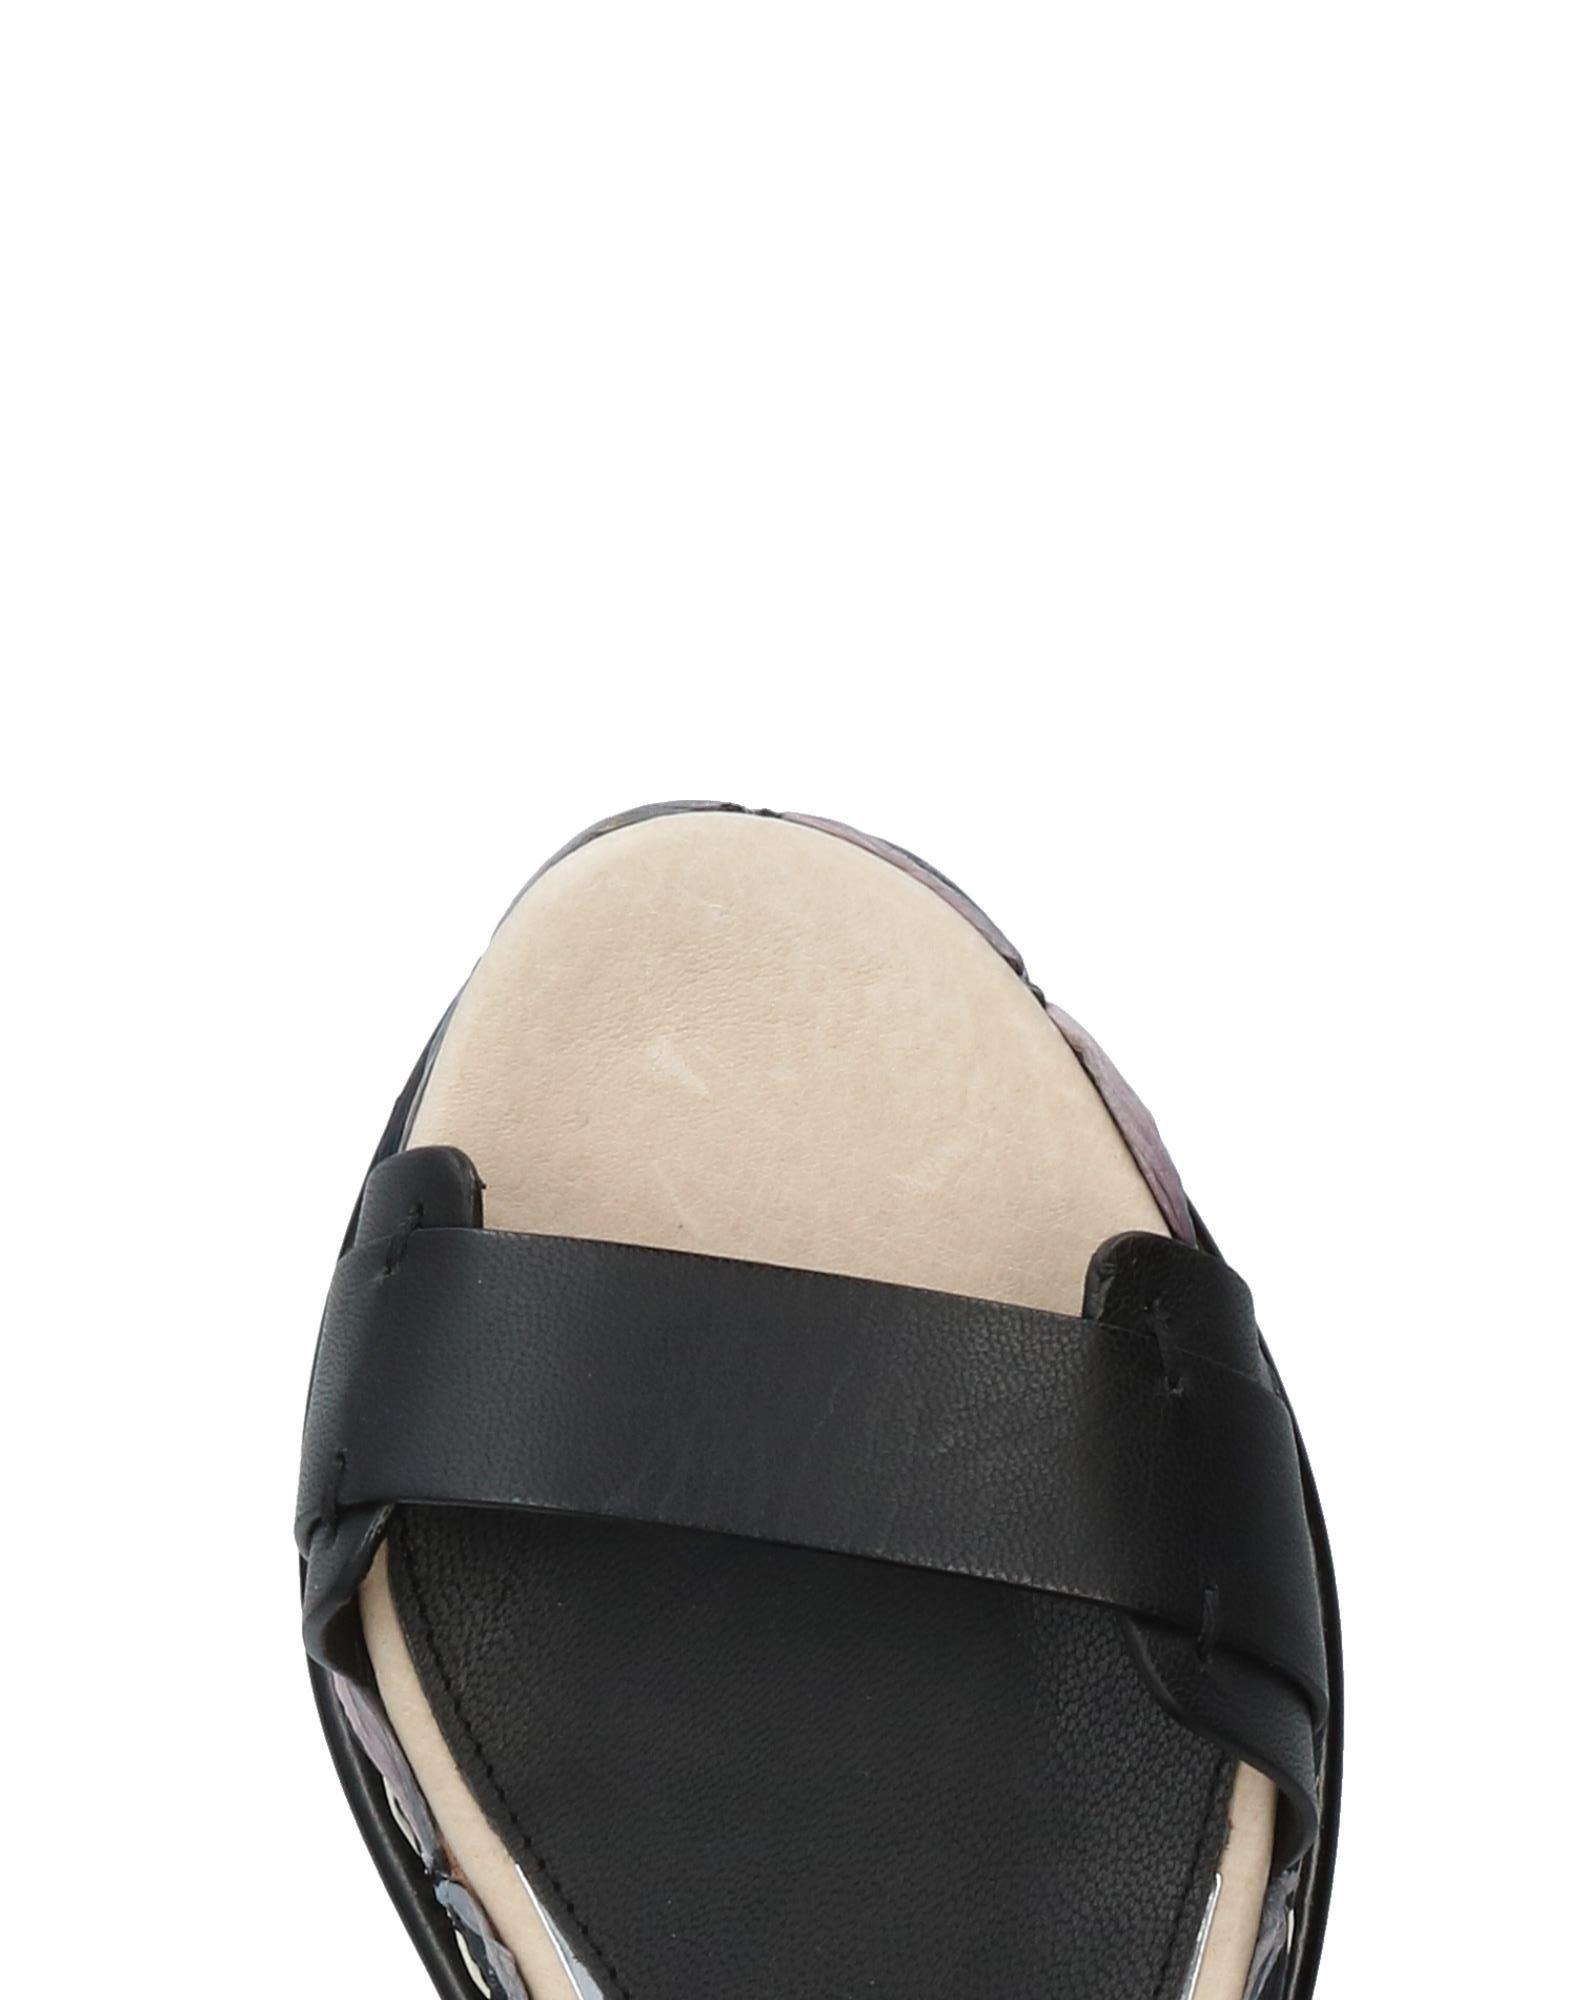 Klassischer Sandalen Stil-6501,Palomitas By Paloma Barceló Sandalen Klassischer Damen Gutes Preis-Leistungs-Verhältnis, es lohnt sich f8a54e